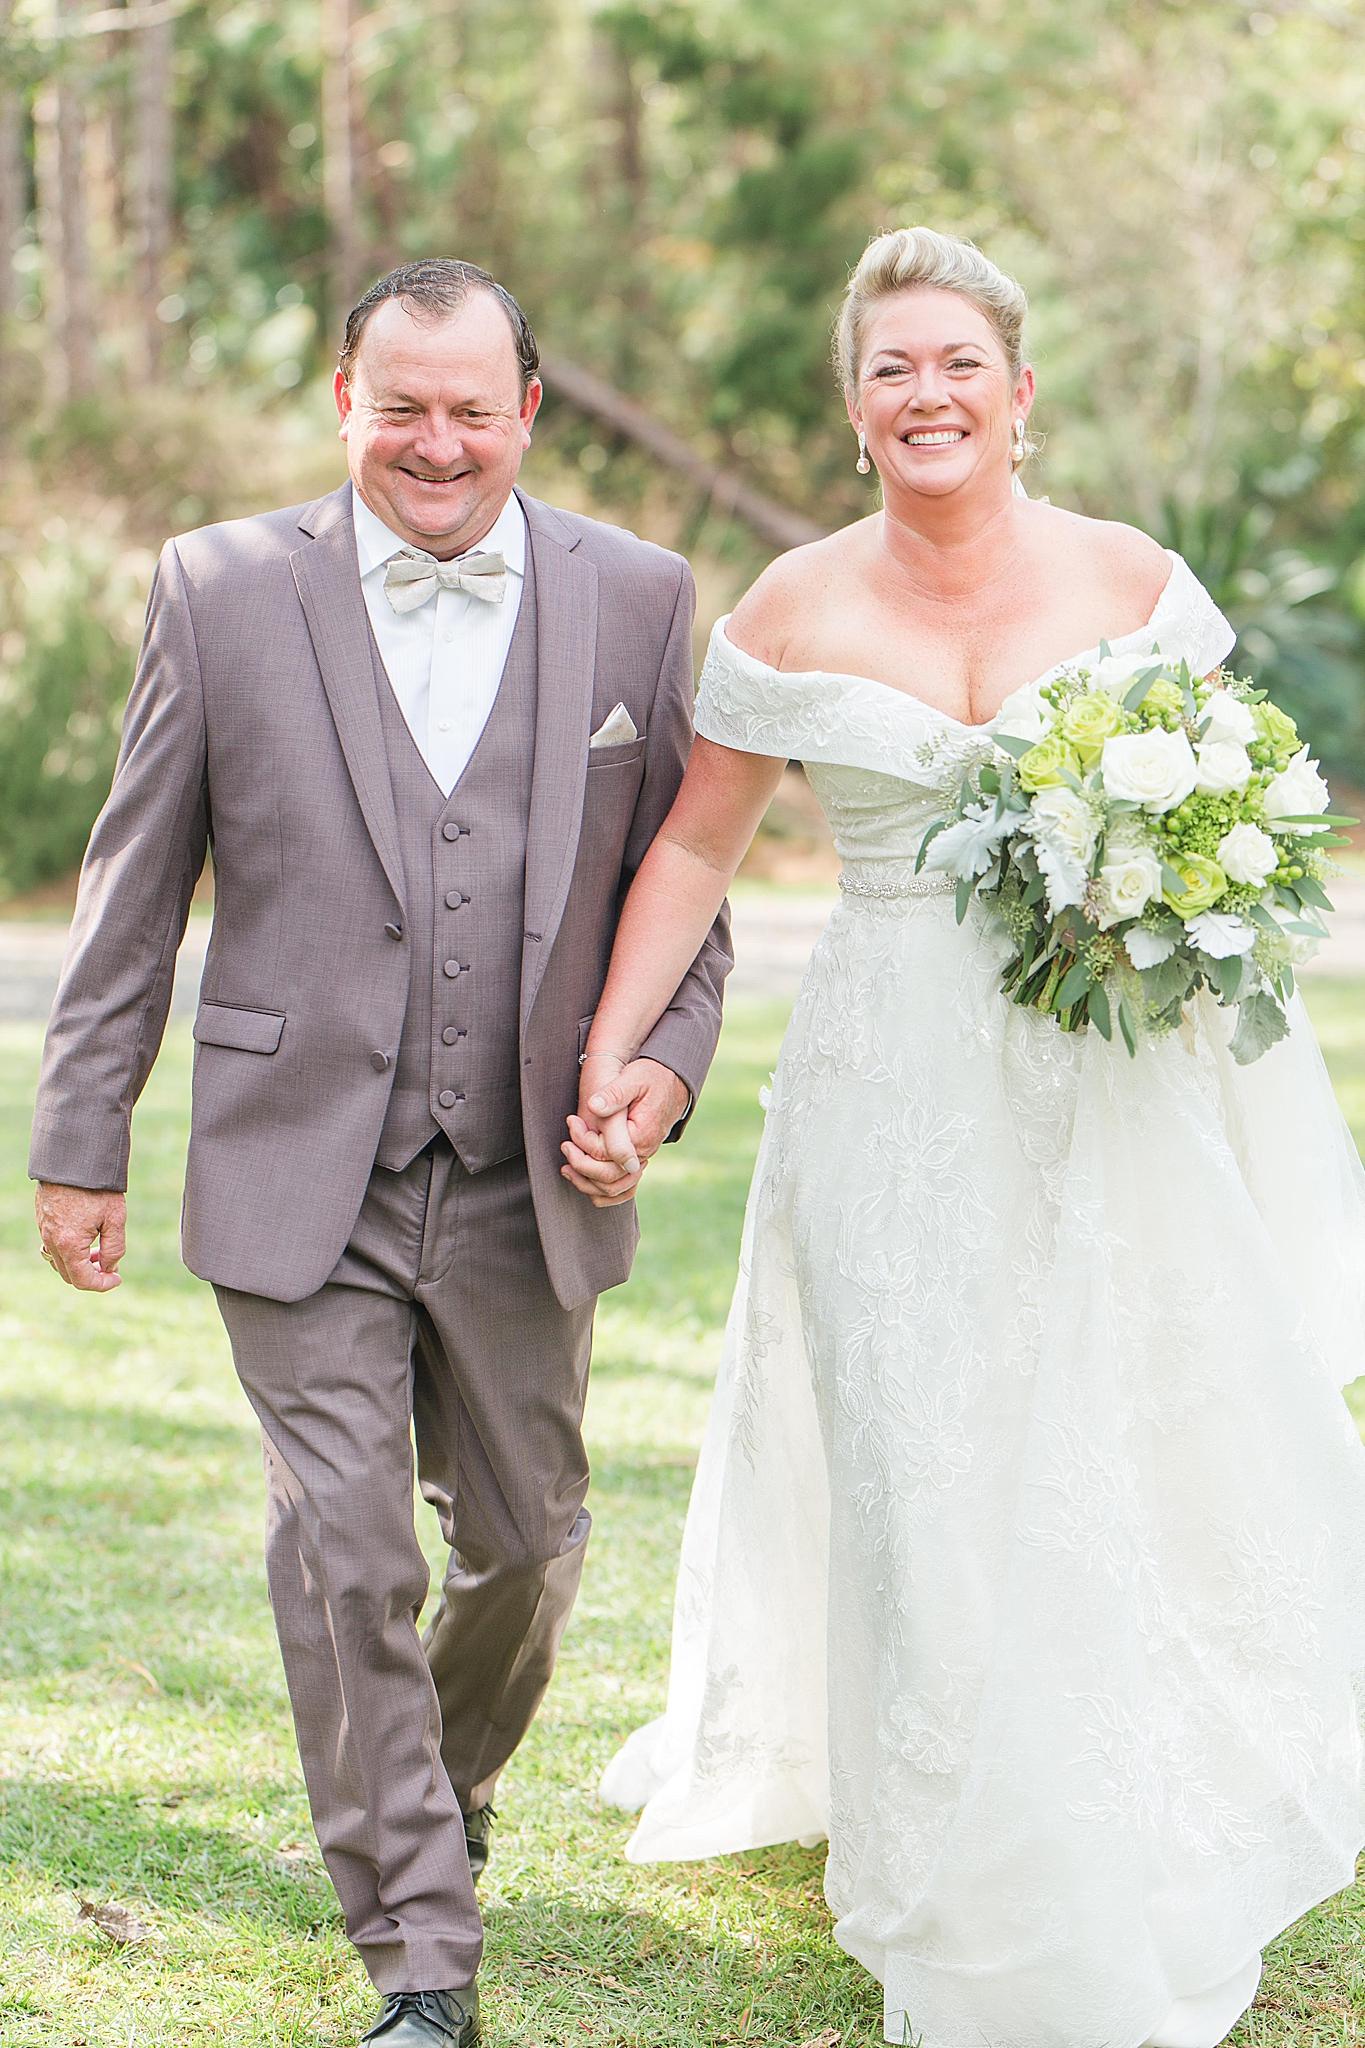 Alabama bride and groom walk through gardens in Loxley AL